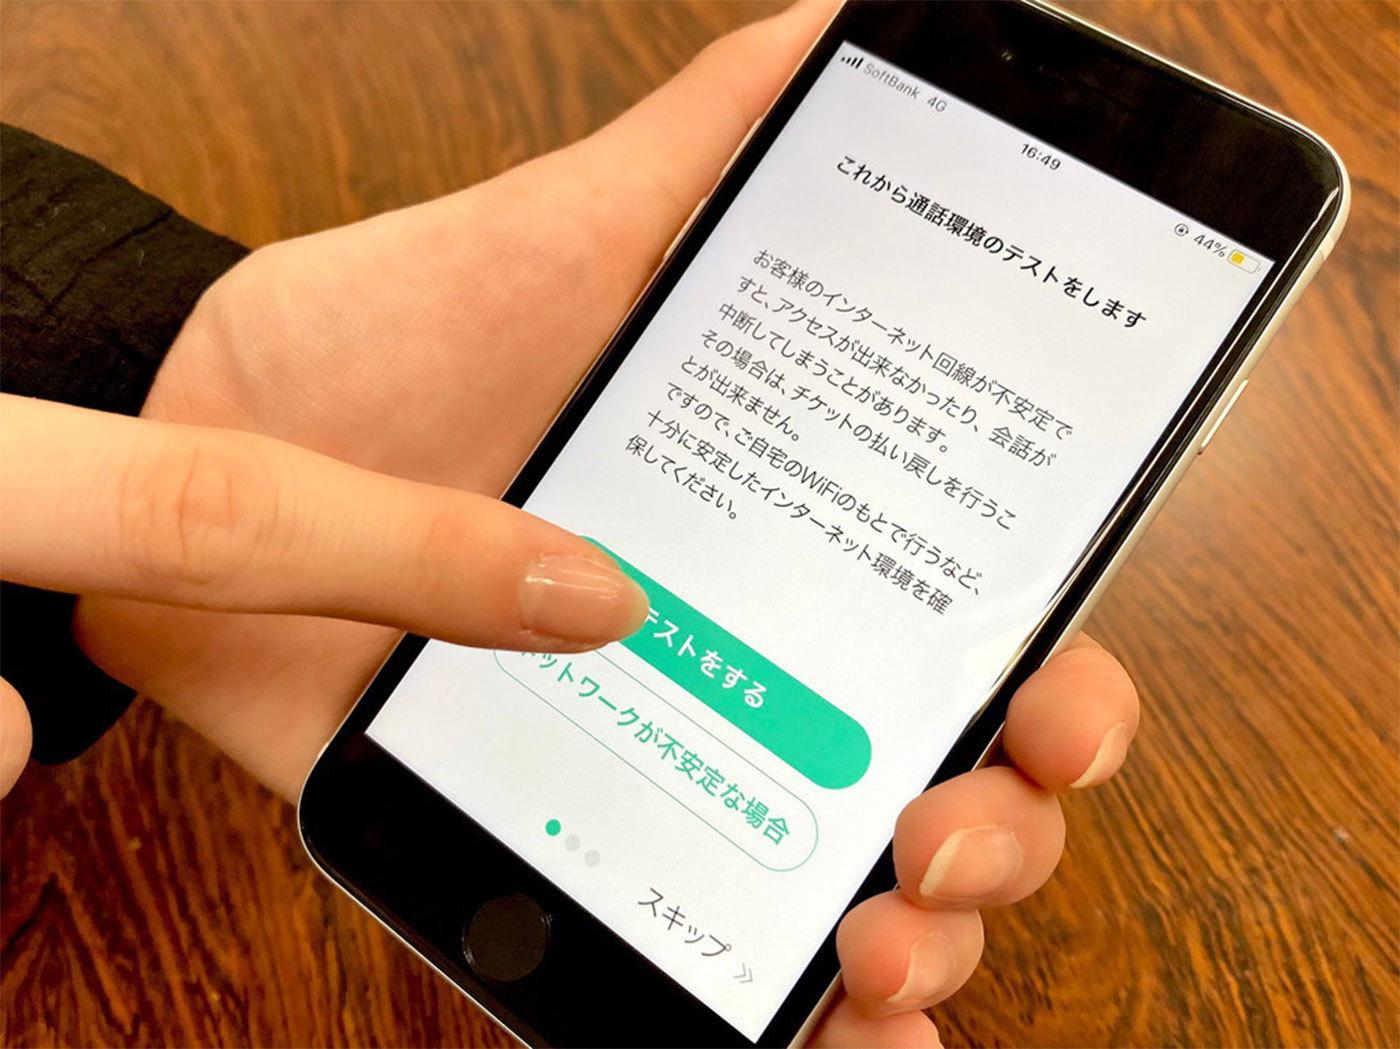 日向坂46 forTUNE meetsアプリ